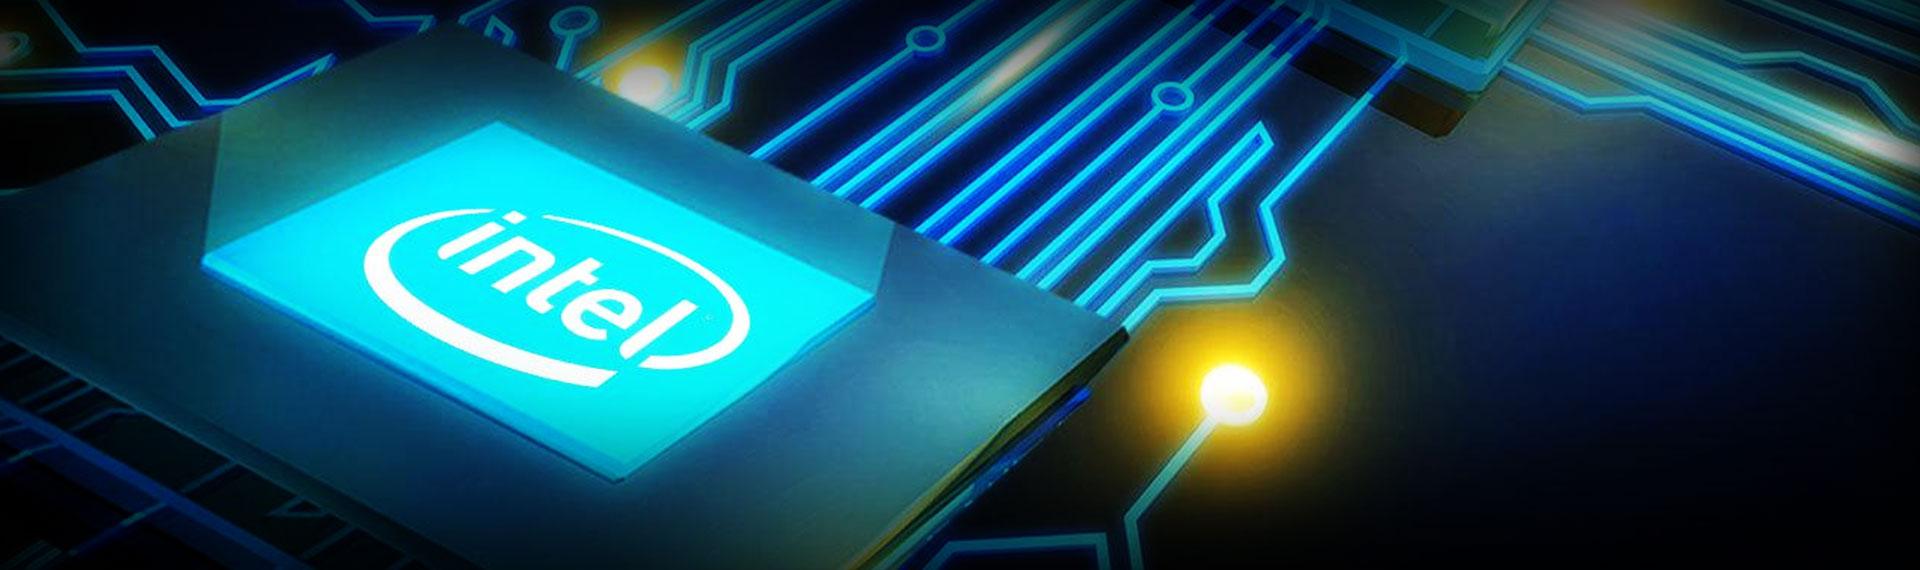 Hebatnya Prosesor Intel® Core™ i9 Bikin Perangkat Bekerja Tanpa batas!